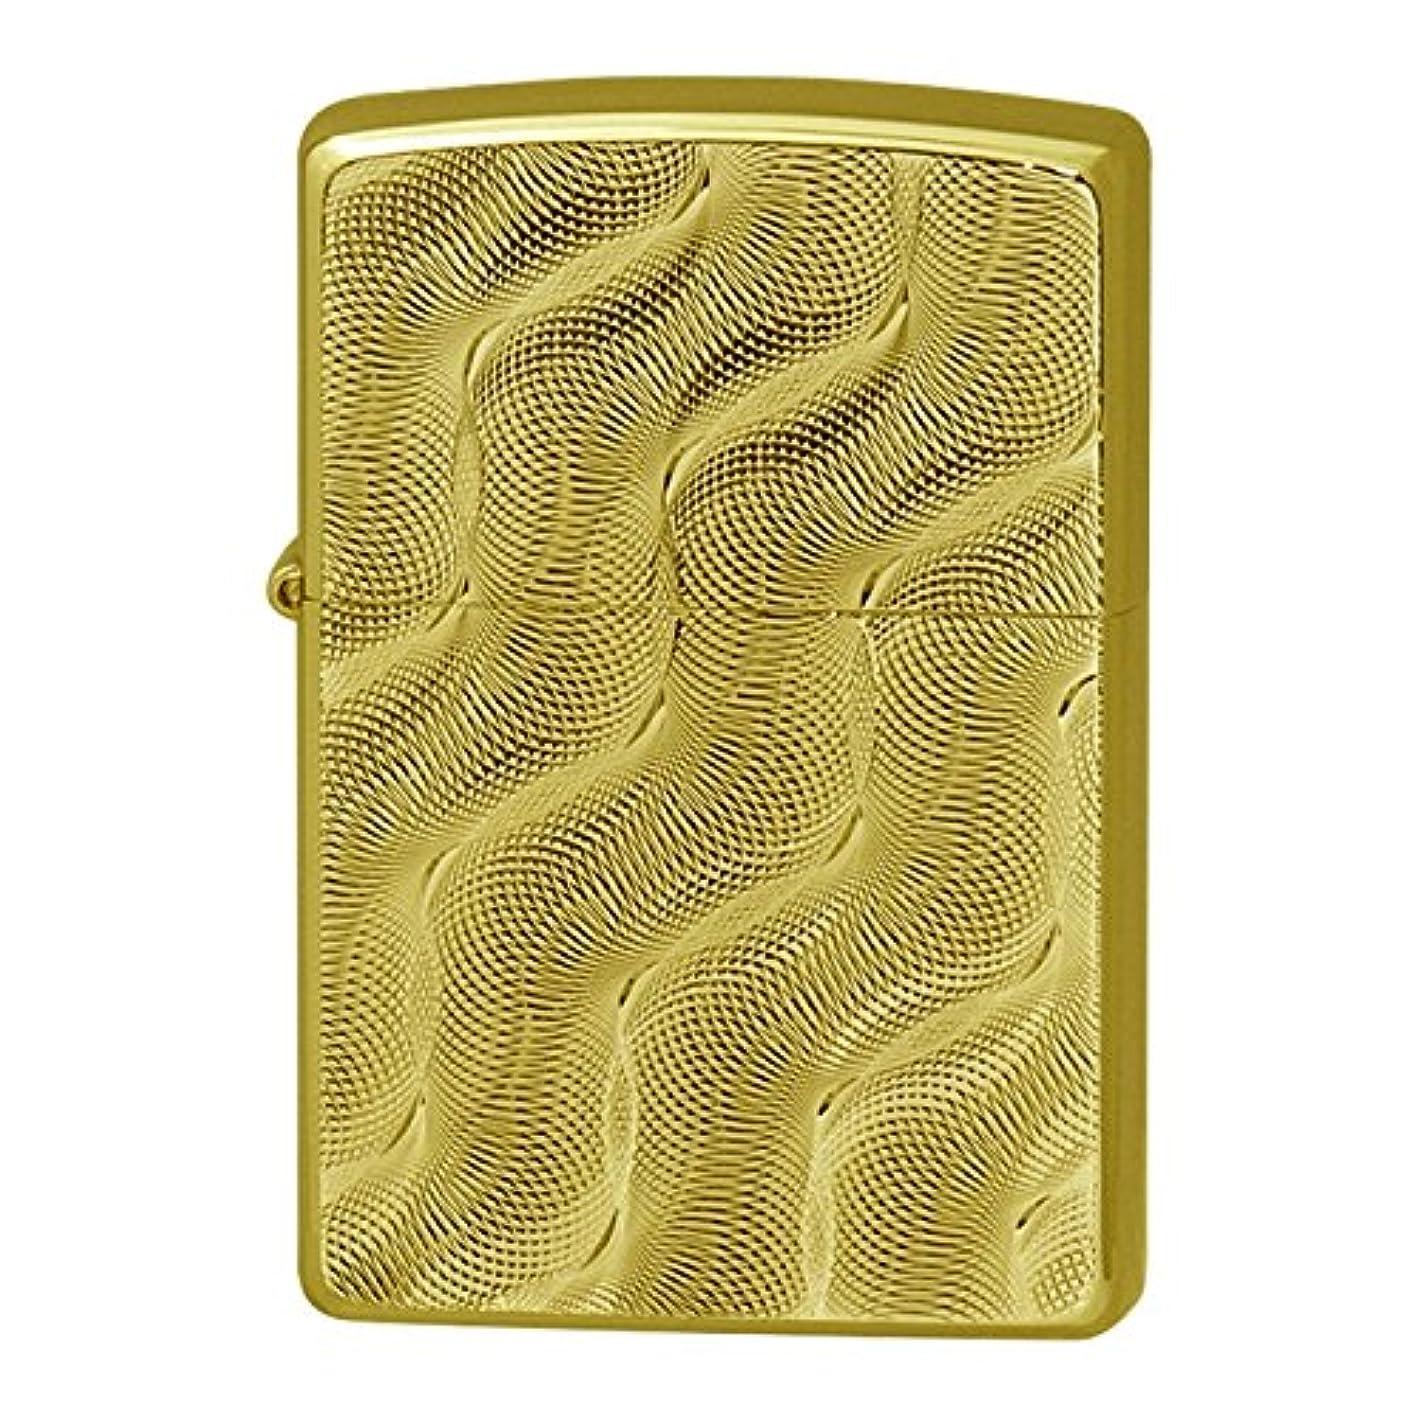 治安判事逃げる残忍なZippo ジッポー Zippoライター ジッポライター 200 オイルライター ダイヤモンドカット ゴールド I 2EG-2D/C I